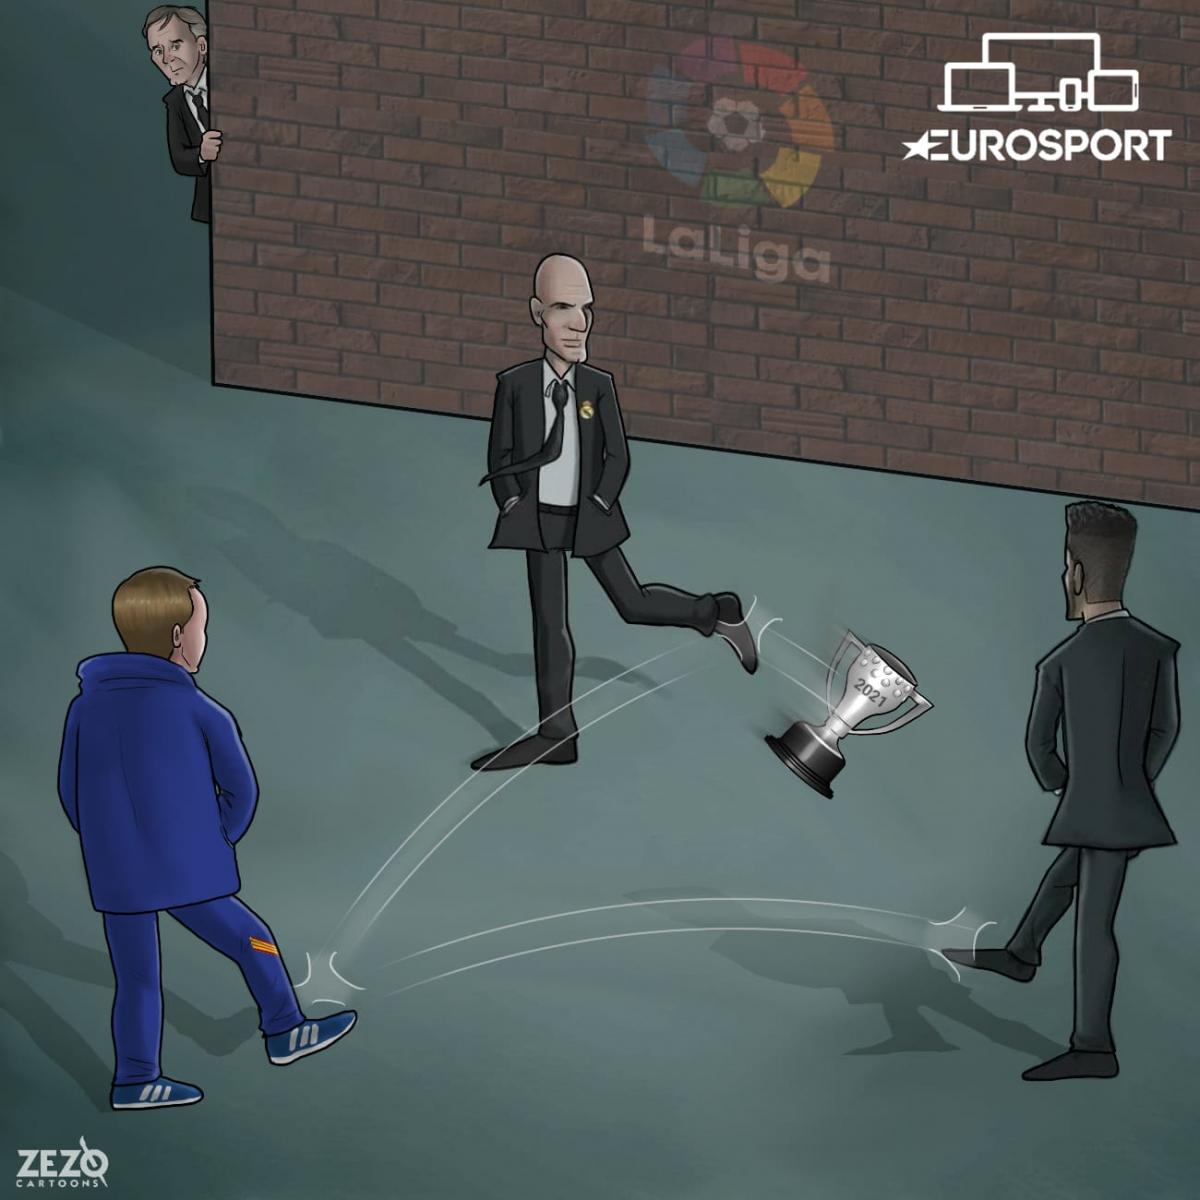 """Barca, Atletico và Real """"nhường nhau"""" chức vô địch La Liga. (Ảnh: Zezo Cartoons)."""